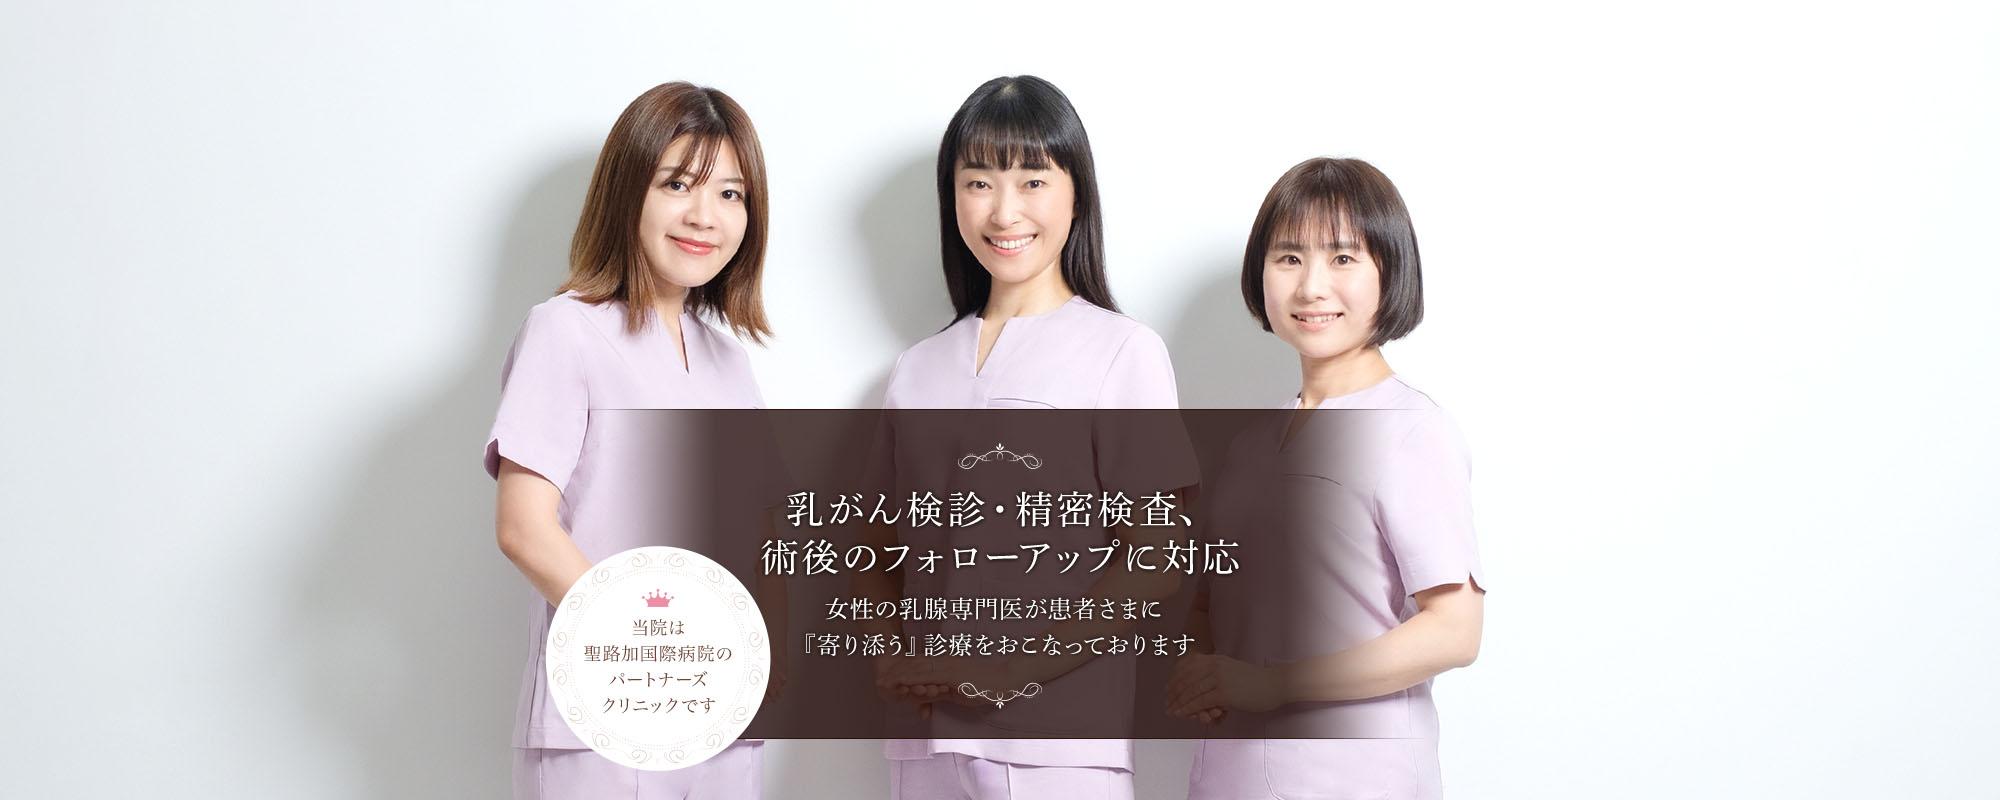 乳がん検診・精密検査、術後のフォローアップに対応